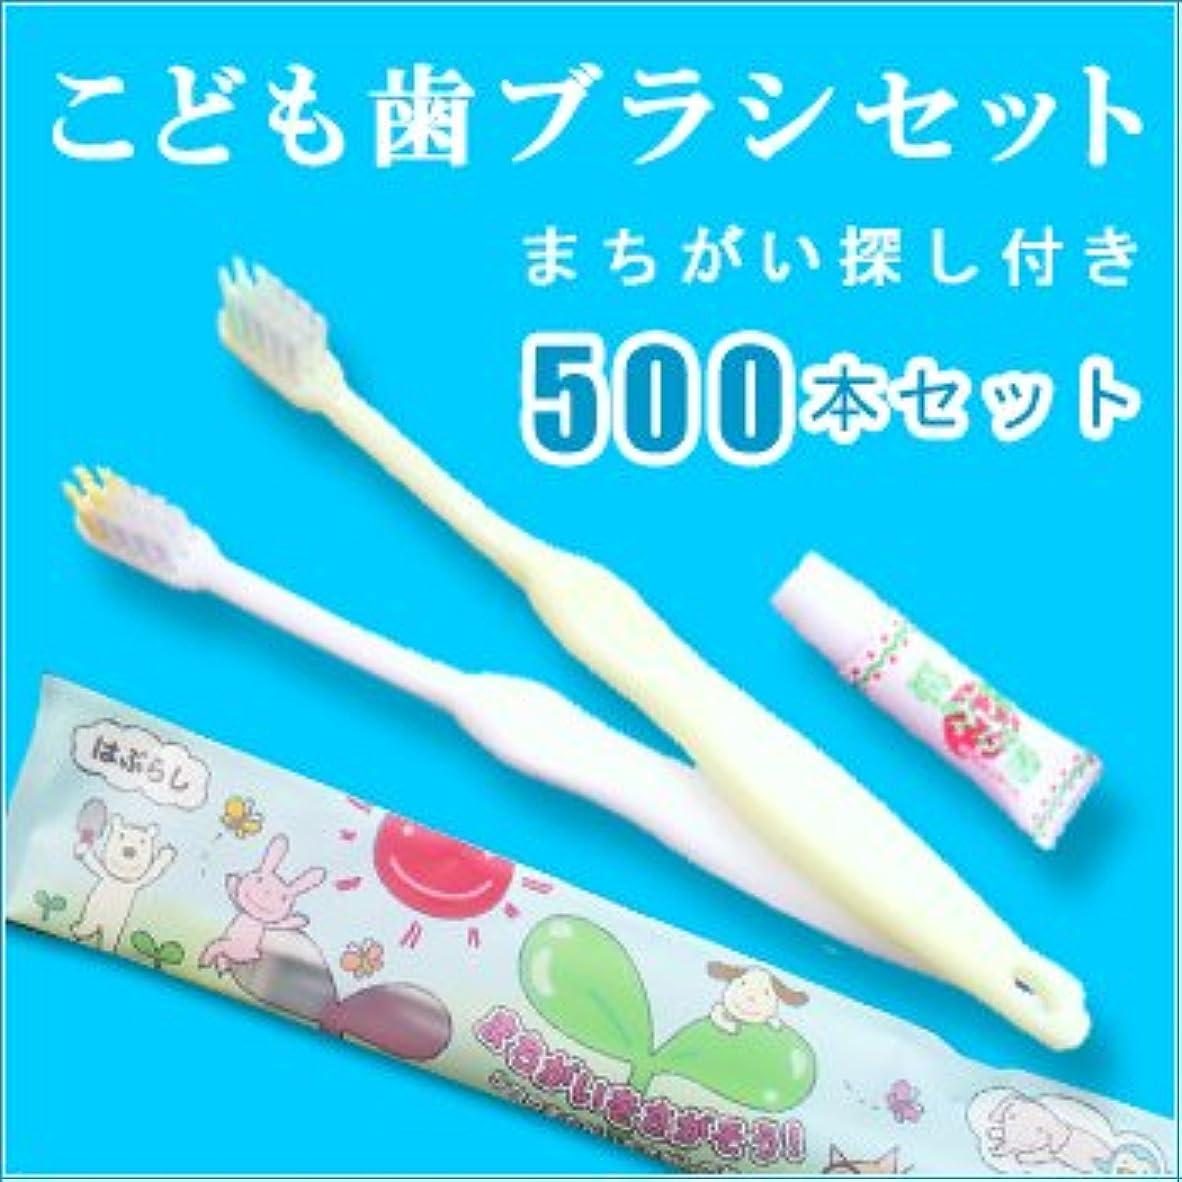 解明するバンケットブリーフケースこども用歯ブラシ いちご味の歯磨き粉 3gチューブ付 ホワイト?イエロー2色アソート(1セット500本)1本当たり34円